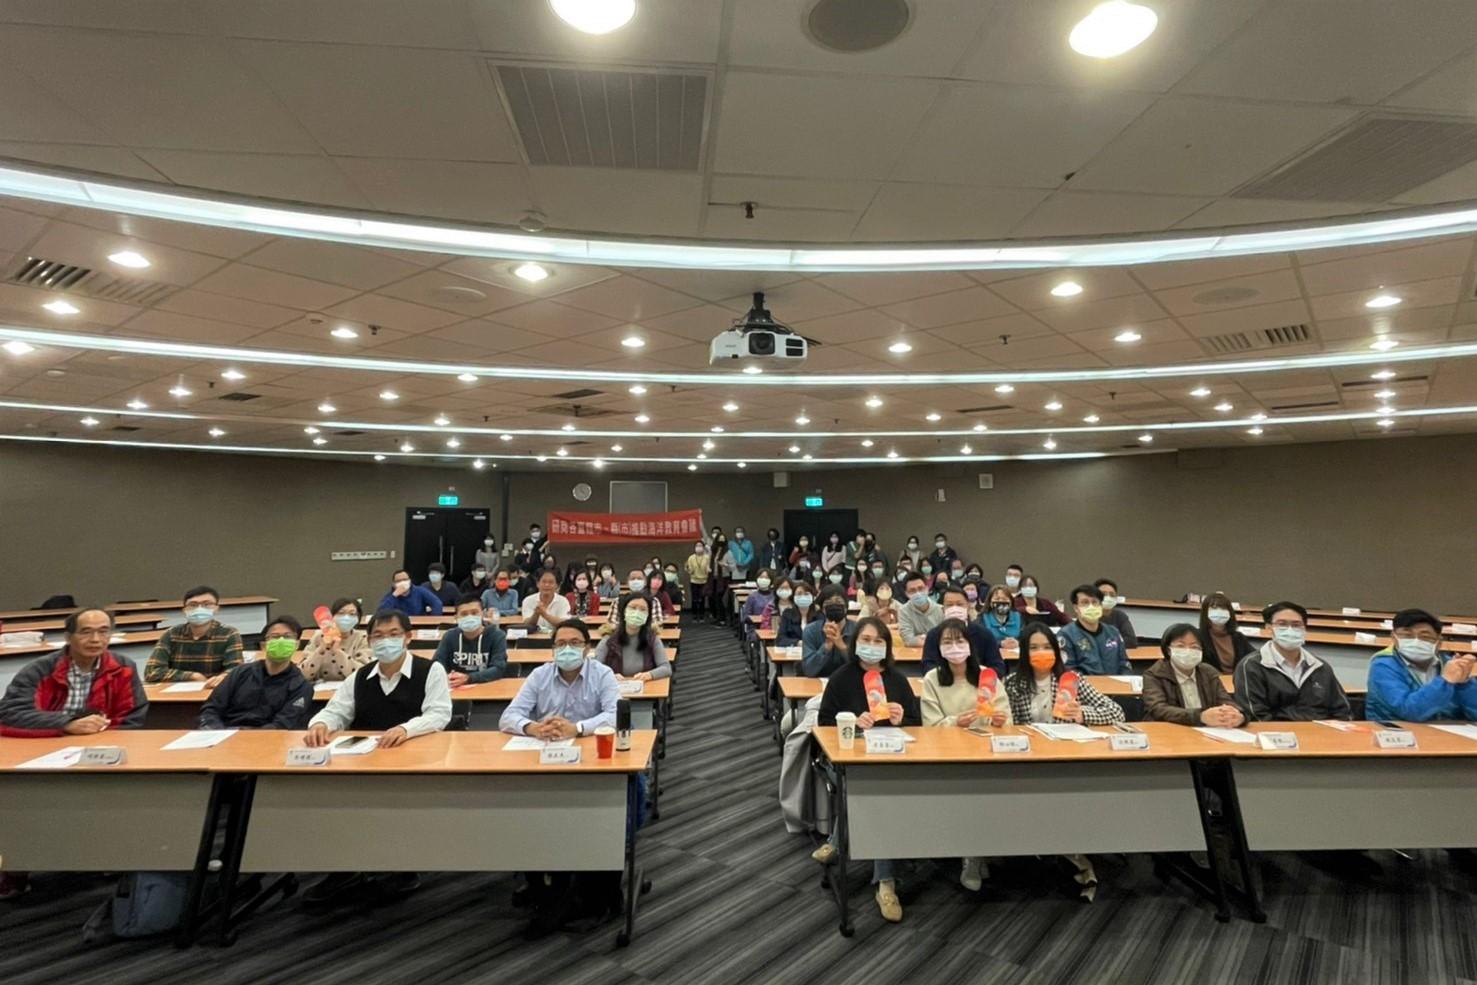 臺灣海洋教育中心結合地方資源結合地方資源 持續深耕海洋教育